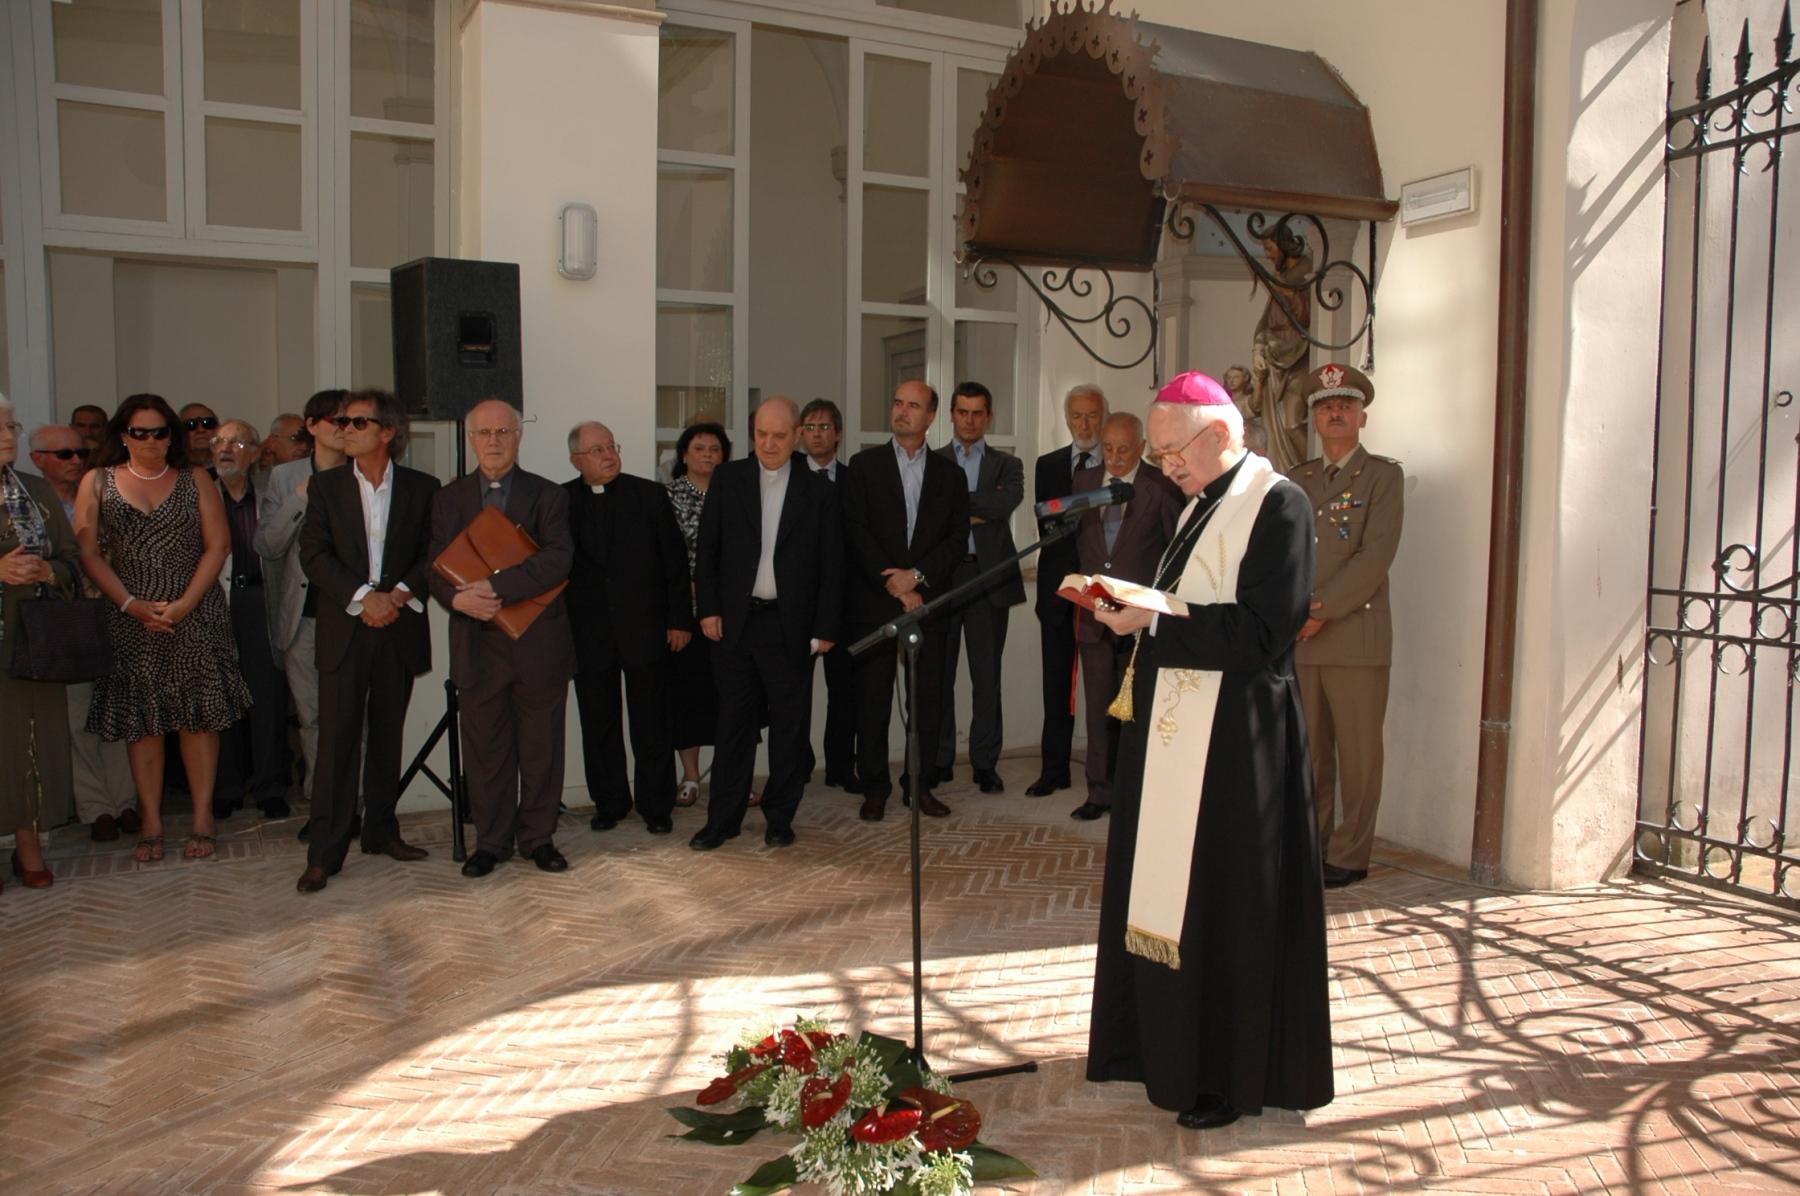 21 giugno 2008. La benedizione del vescovo Arduino Bertoldo